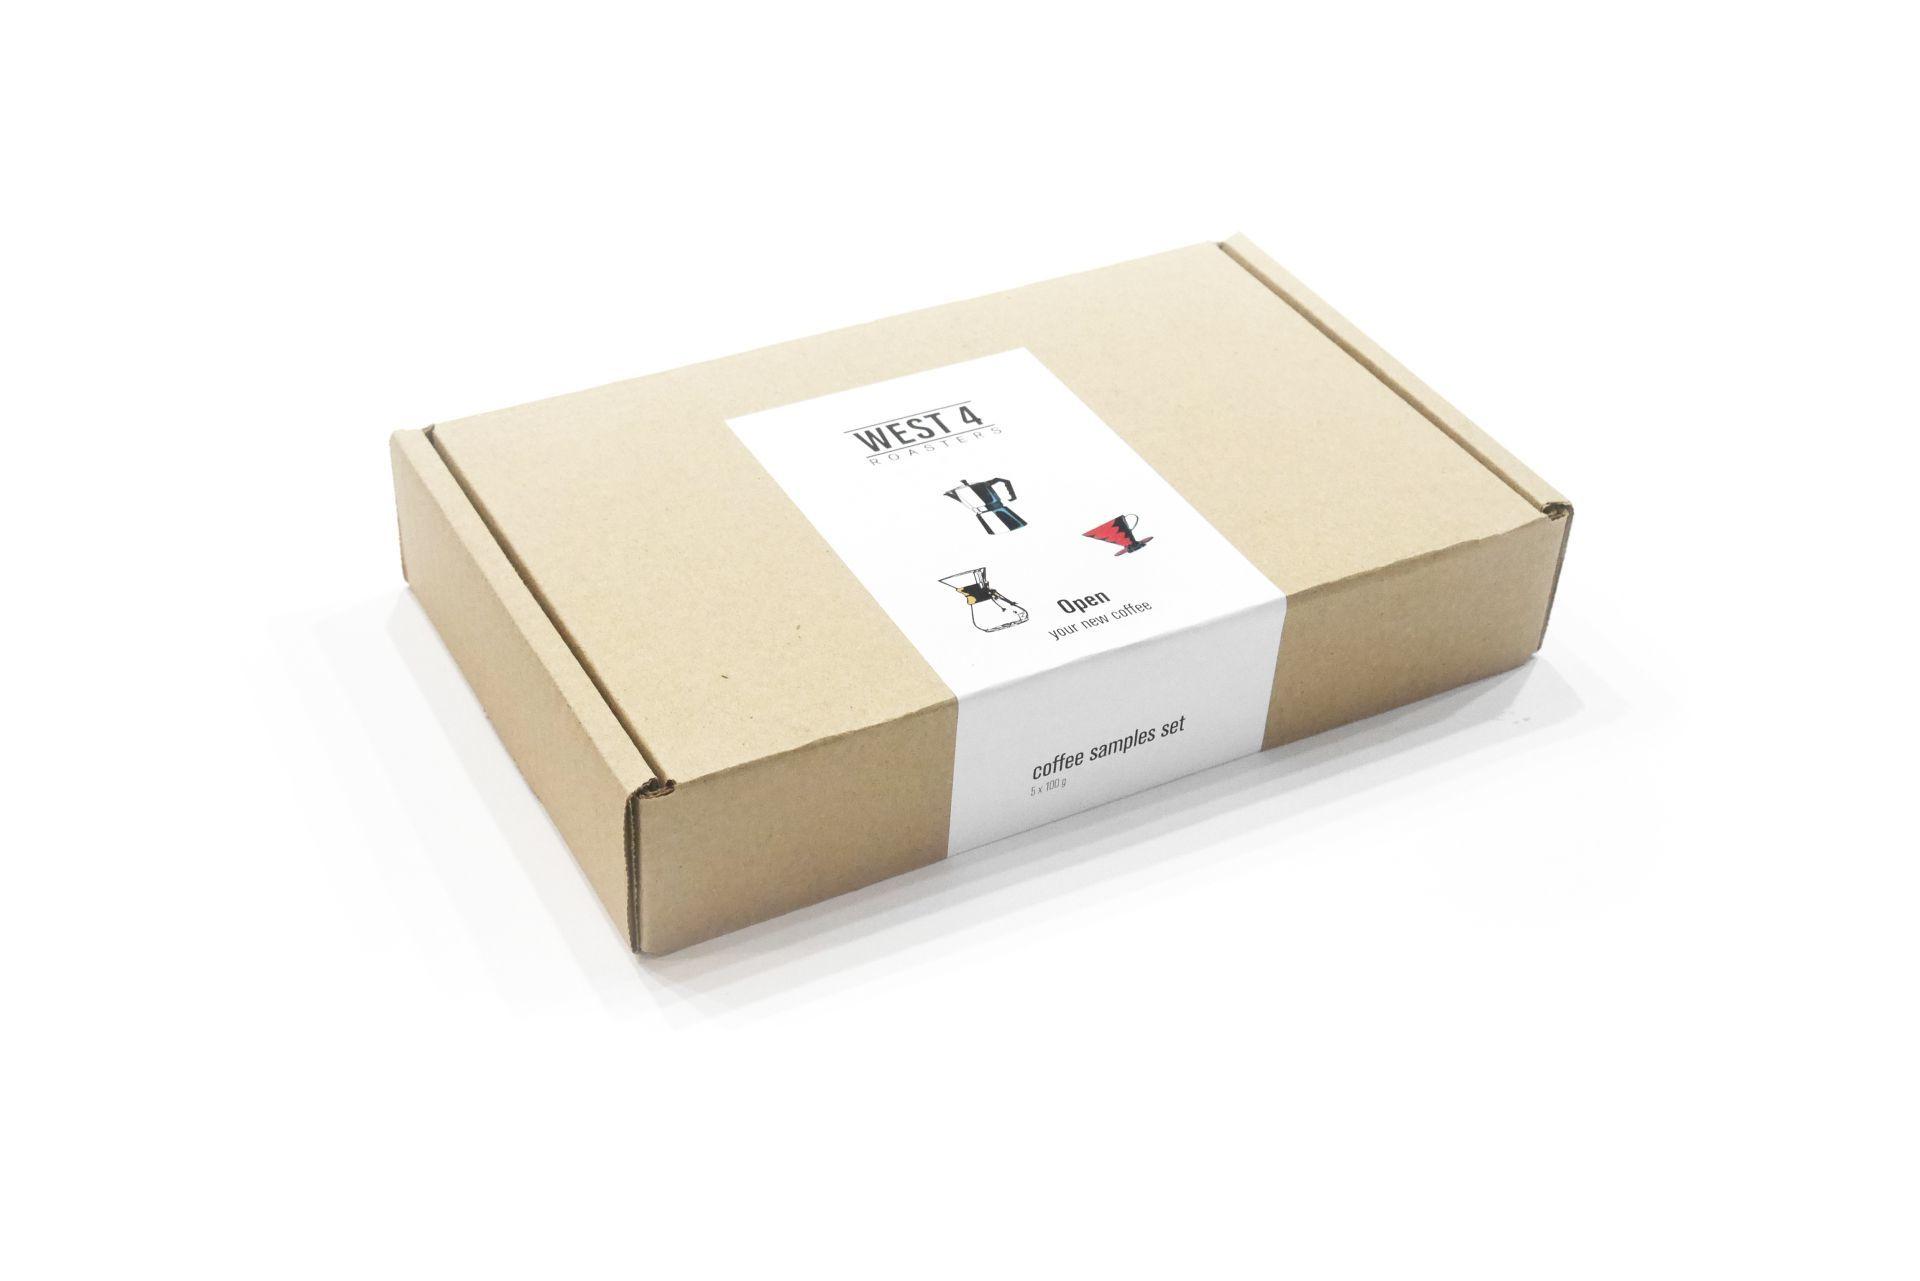 Sample Box WEST 4 Roasters: 5 моносортов по 100 г